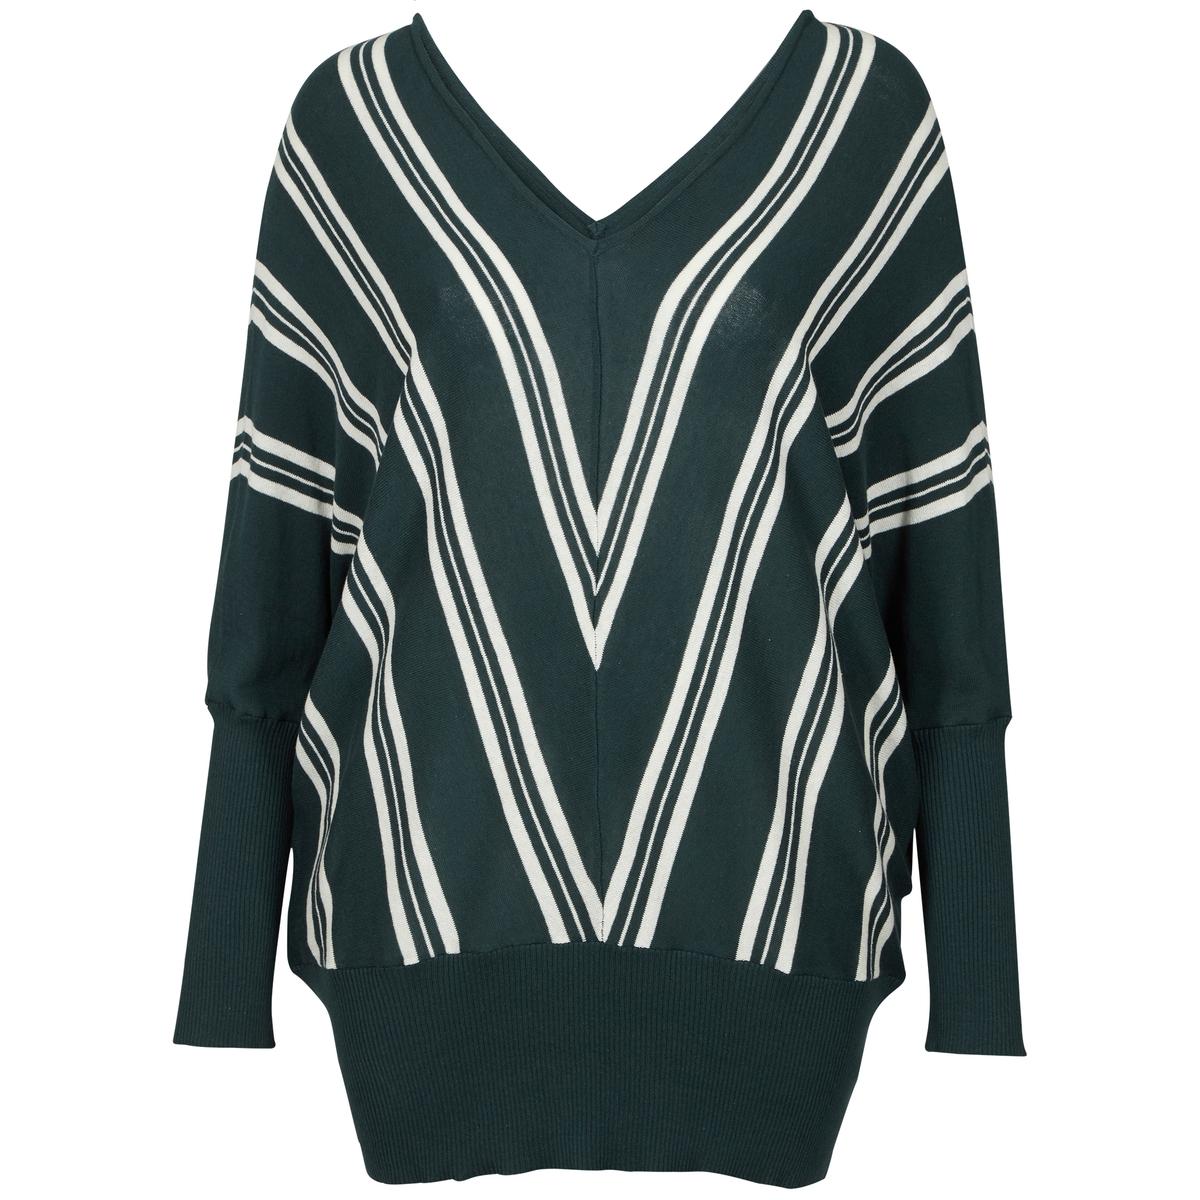 ПуловерПуловер ZIZZI.  V-образный вырез и широкий край в рубчик по низу и на рукавах . 100% хлопка..<br><br>Цвет: зеленый